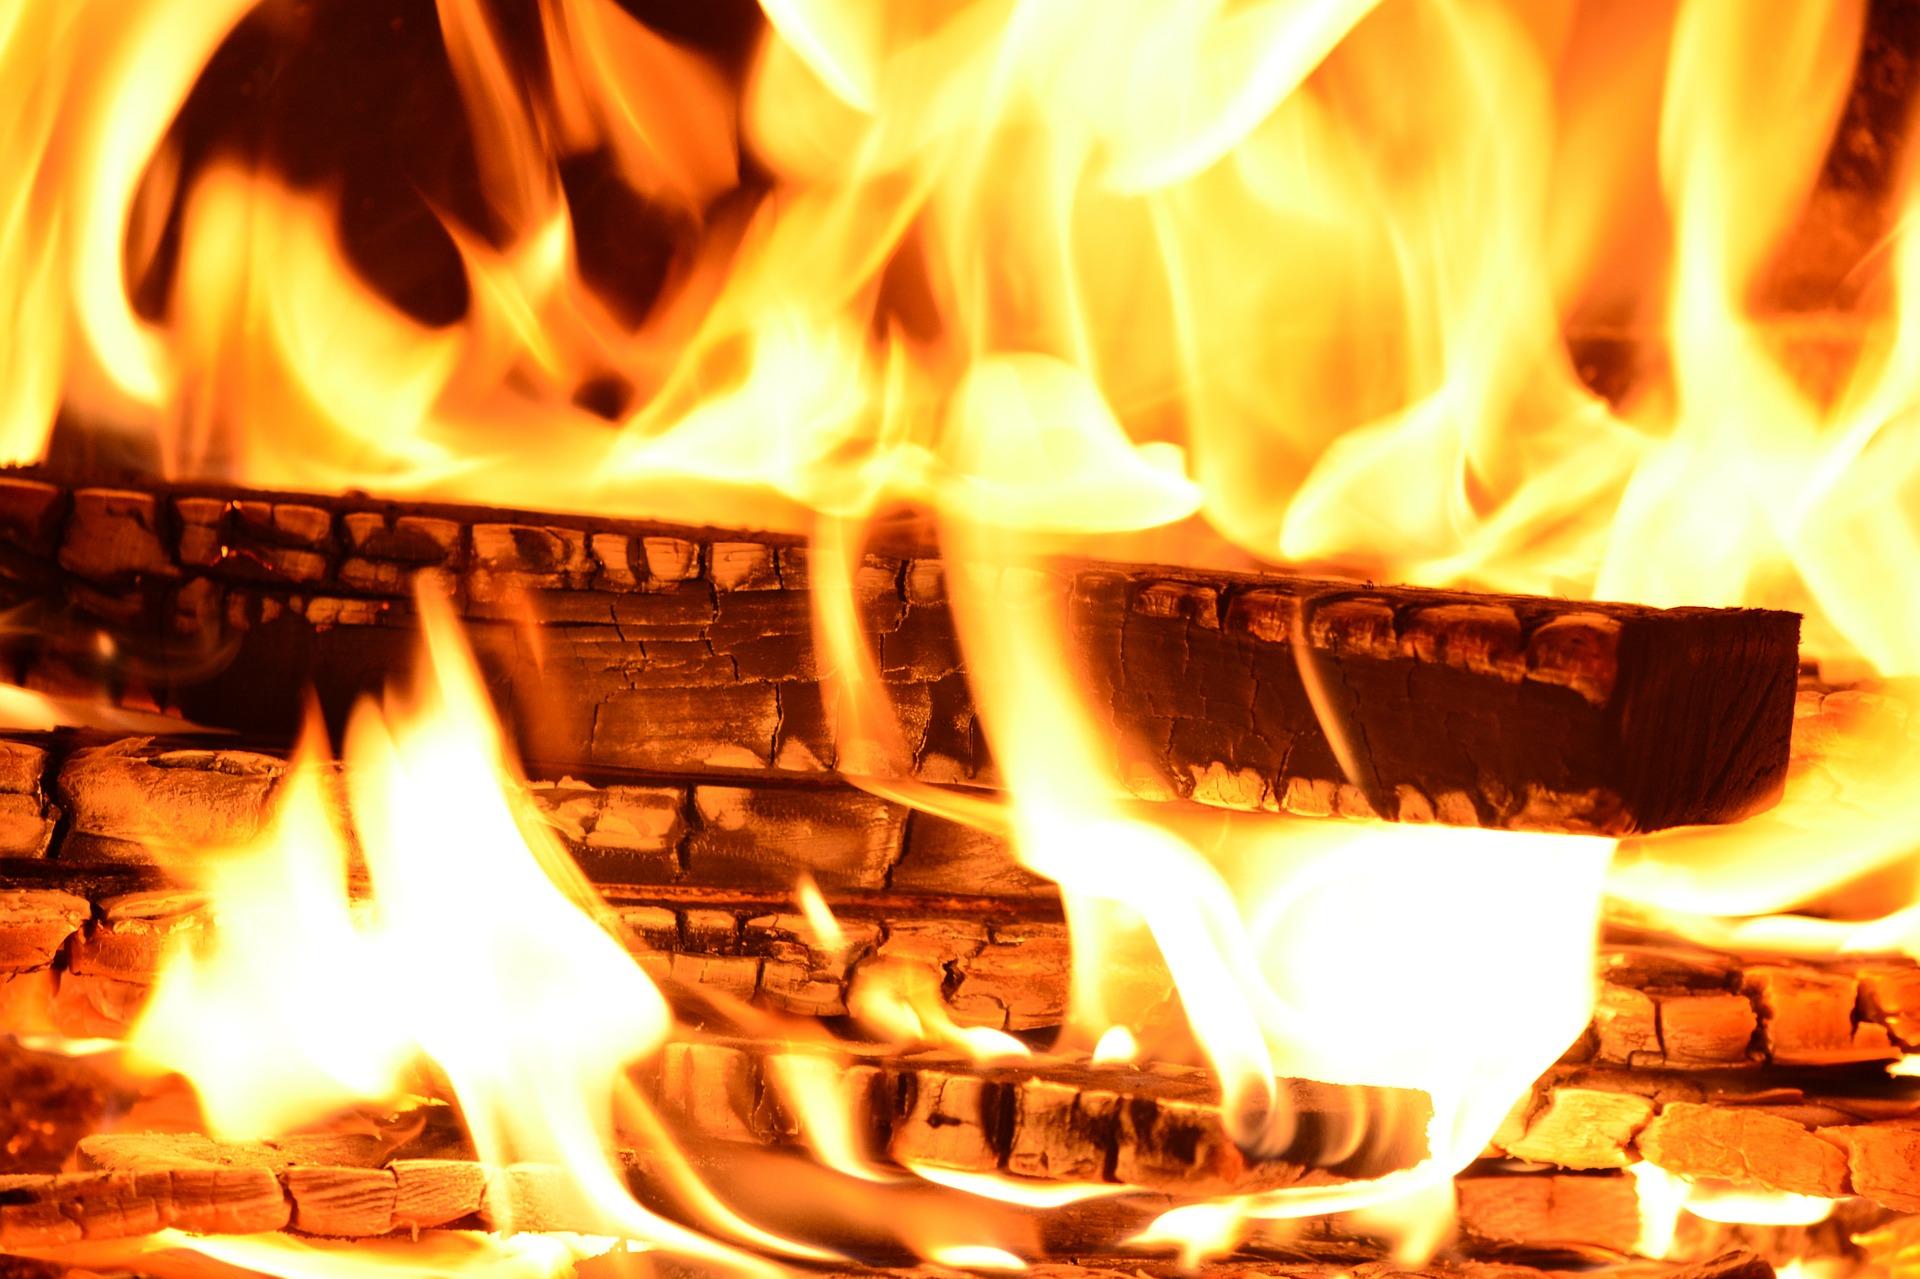 Суд рассмотрит дело о гибели 4 человек на пожаре в Пучежском доме-интернате